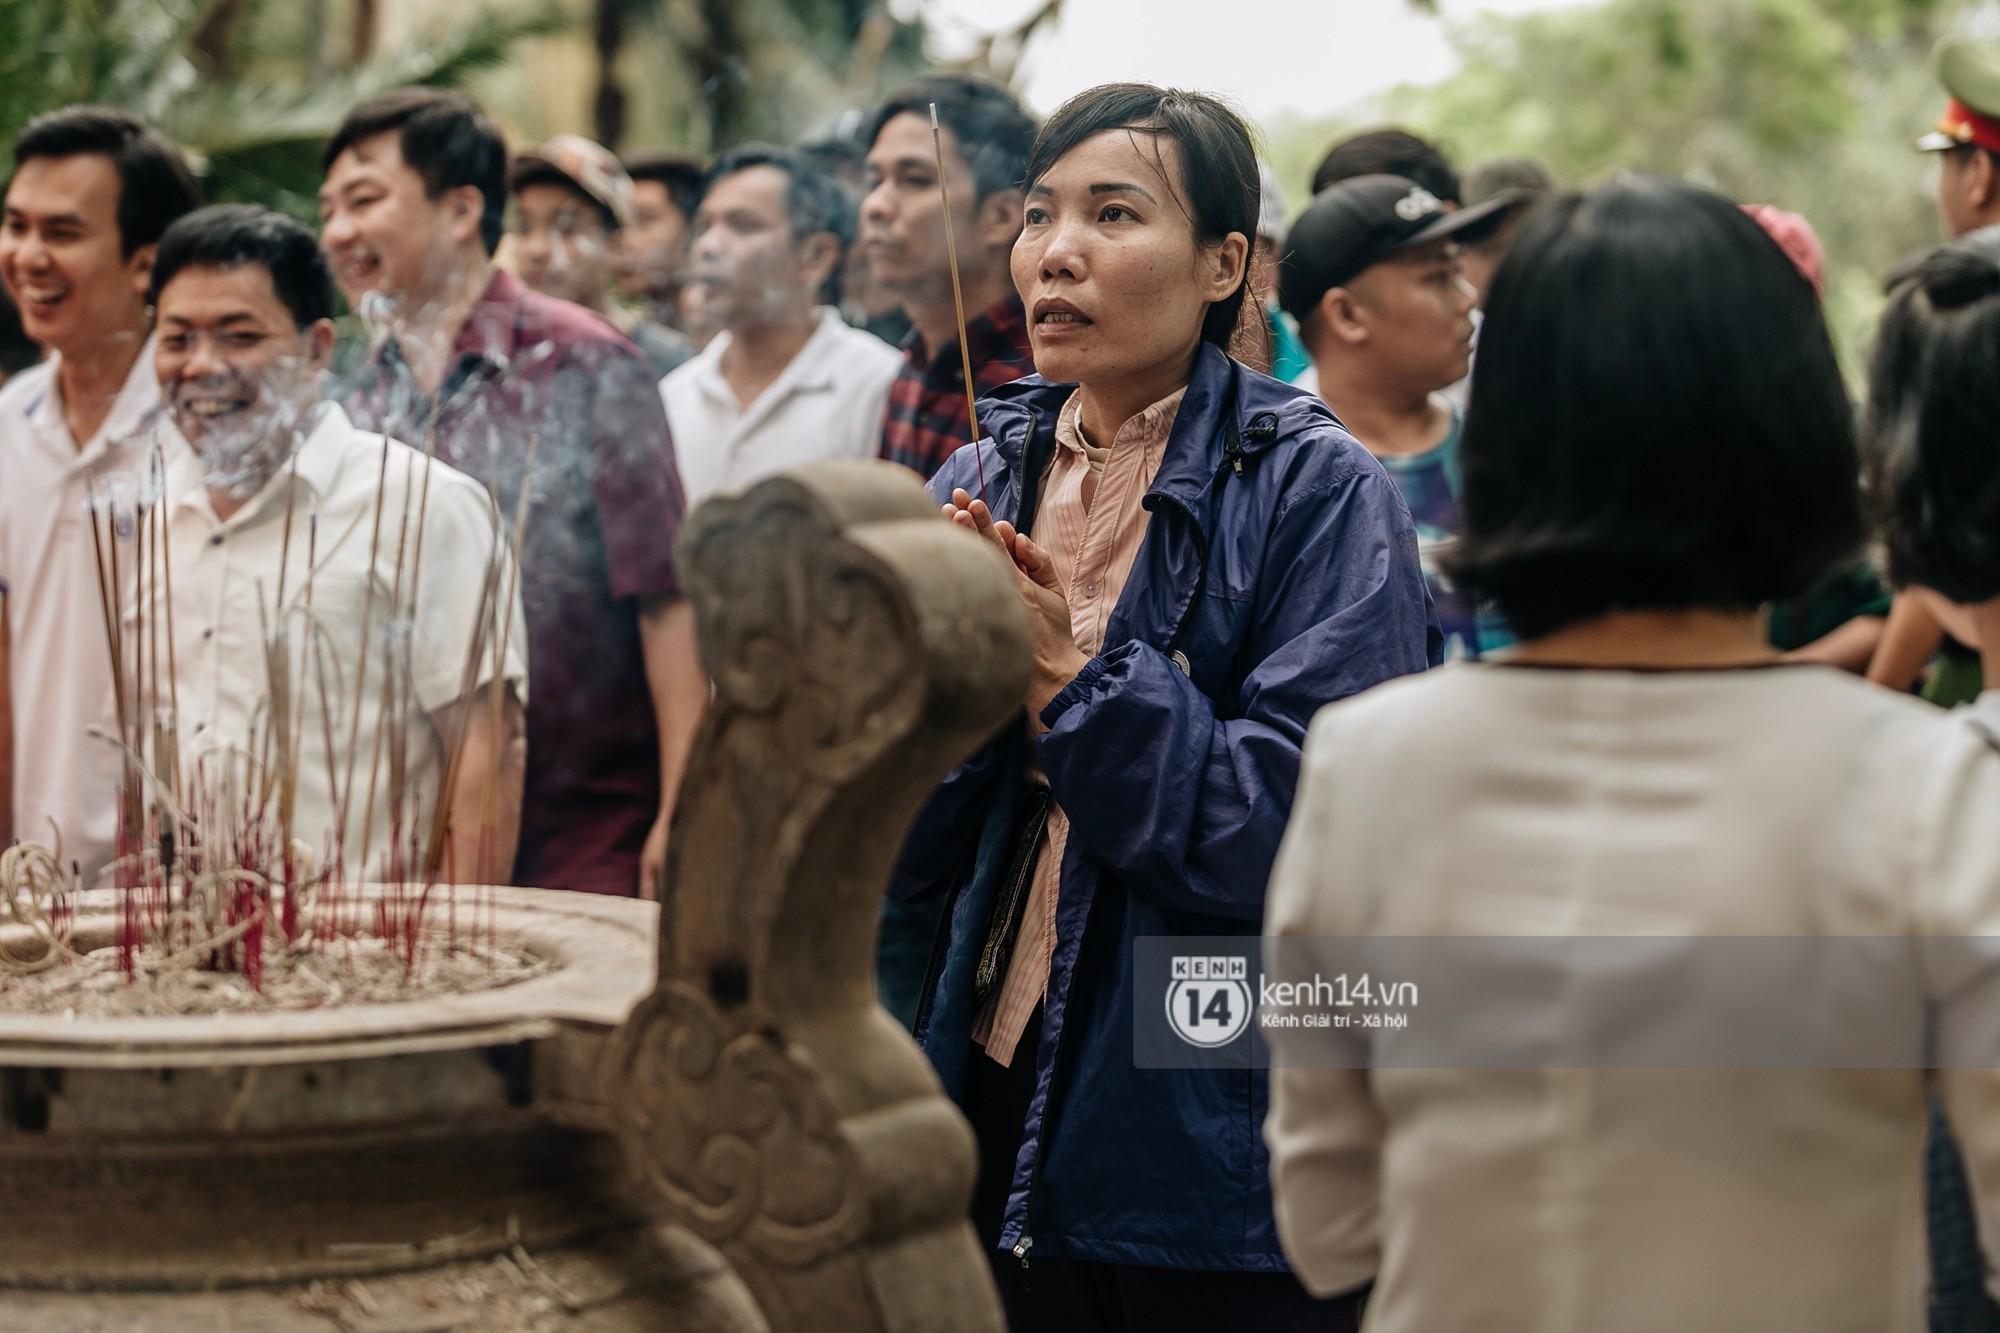 Em nhỏ hoảng sợ khóc thét, được người nhà lôi kéo chen chúc giữa biển người tiến vào đền Hùng-31